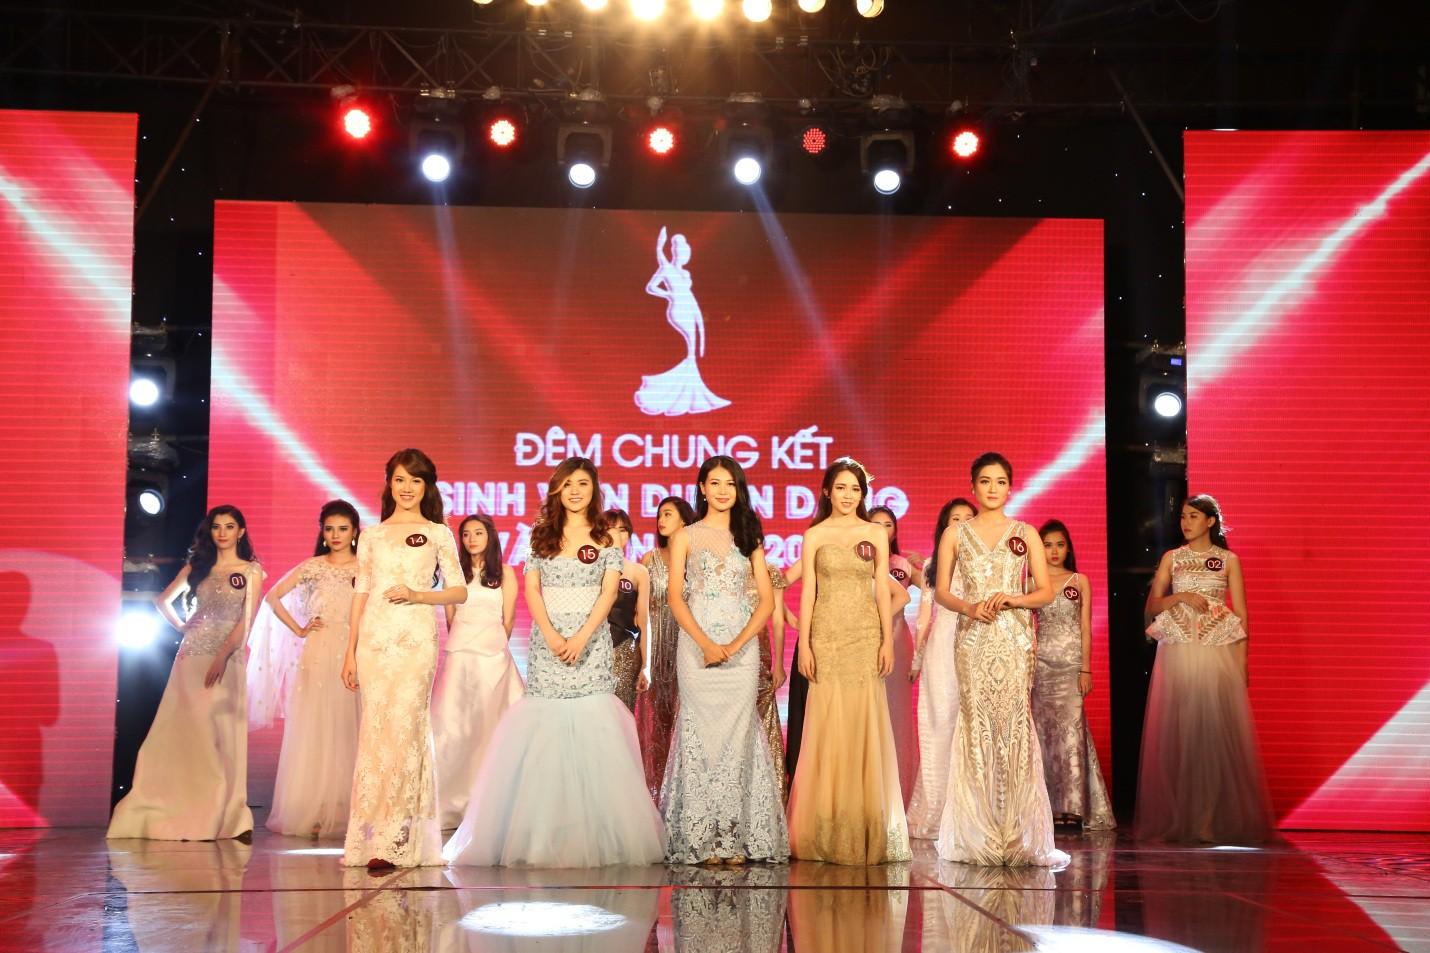 Ông bầu của các hoa hậu – NTK Nguyễn Việt Hùng là gương mặt đồng hành với cuộc thi Miss UEF 2019 - Ảnh 4.